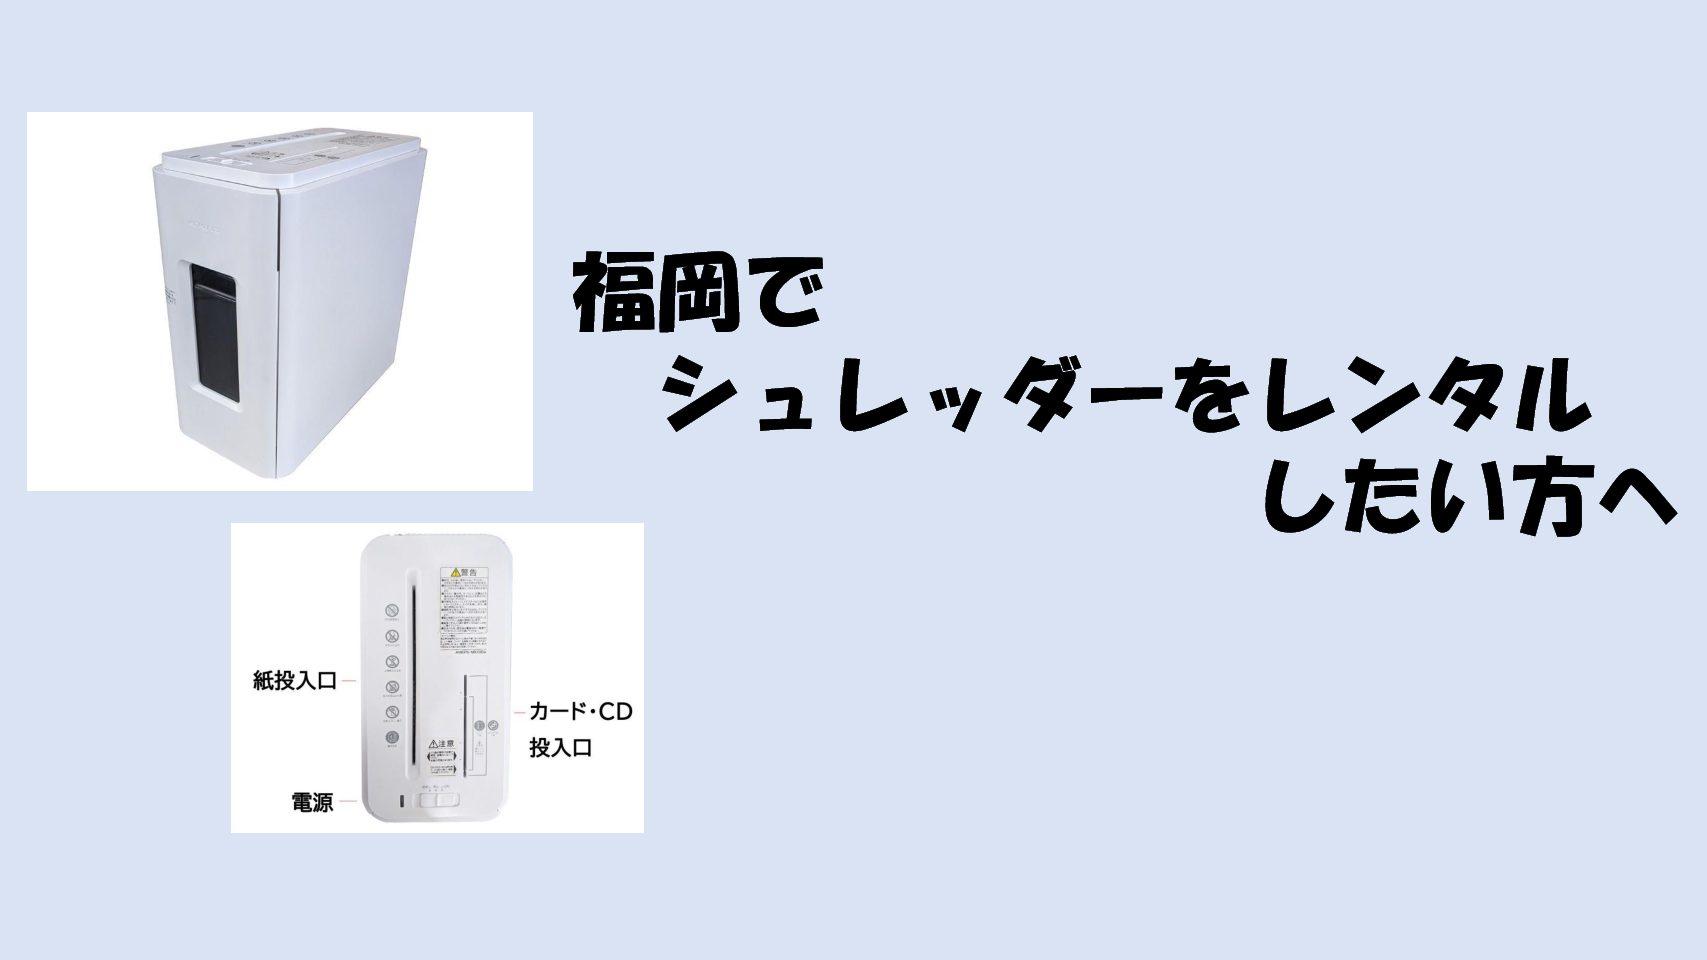 福岡でシュレッダーをレンタルしたい方へ